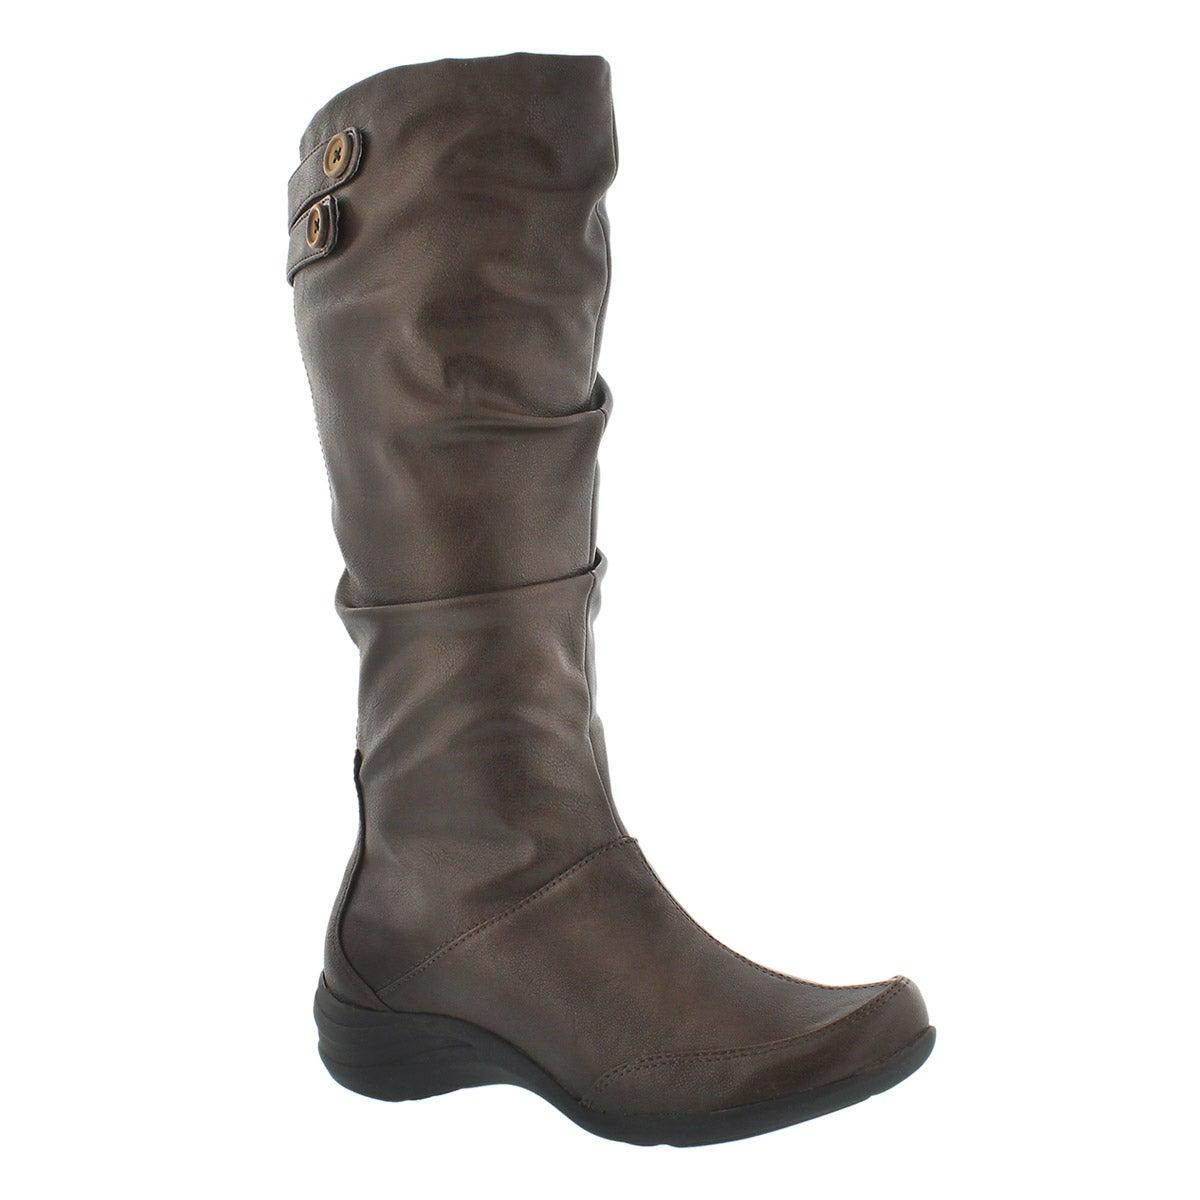 Lds Milieu brown tall dress boot